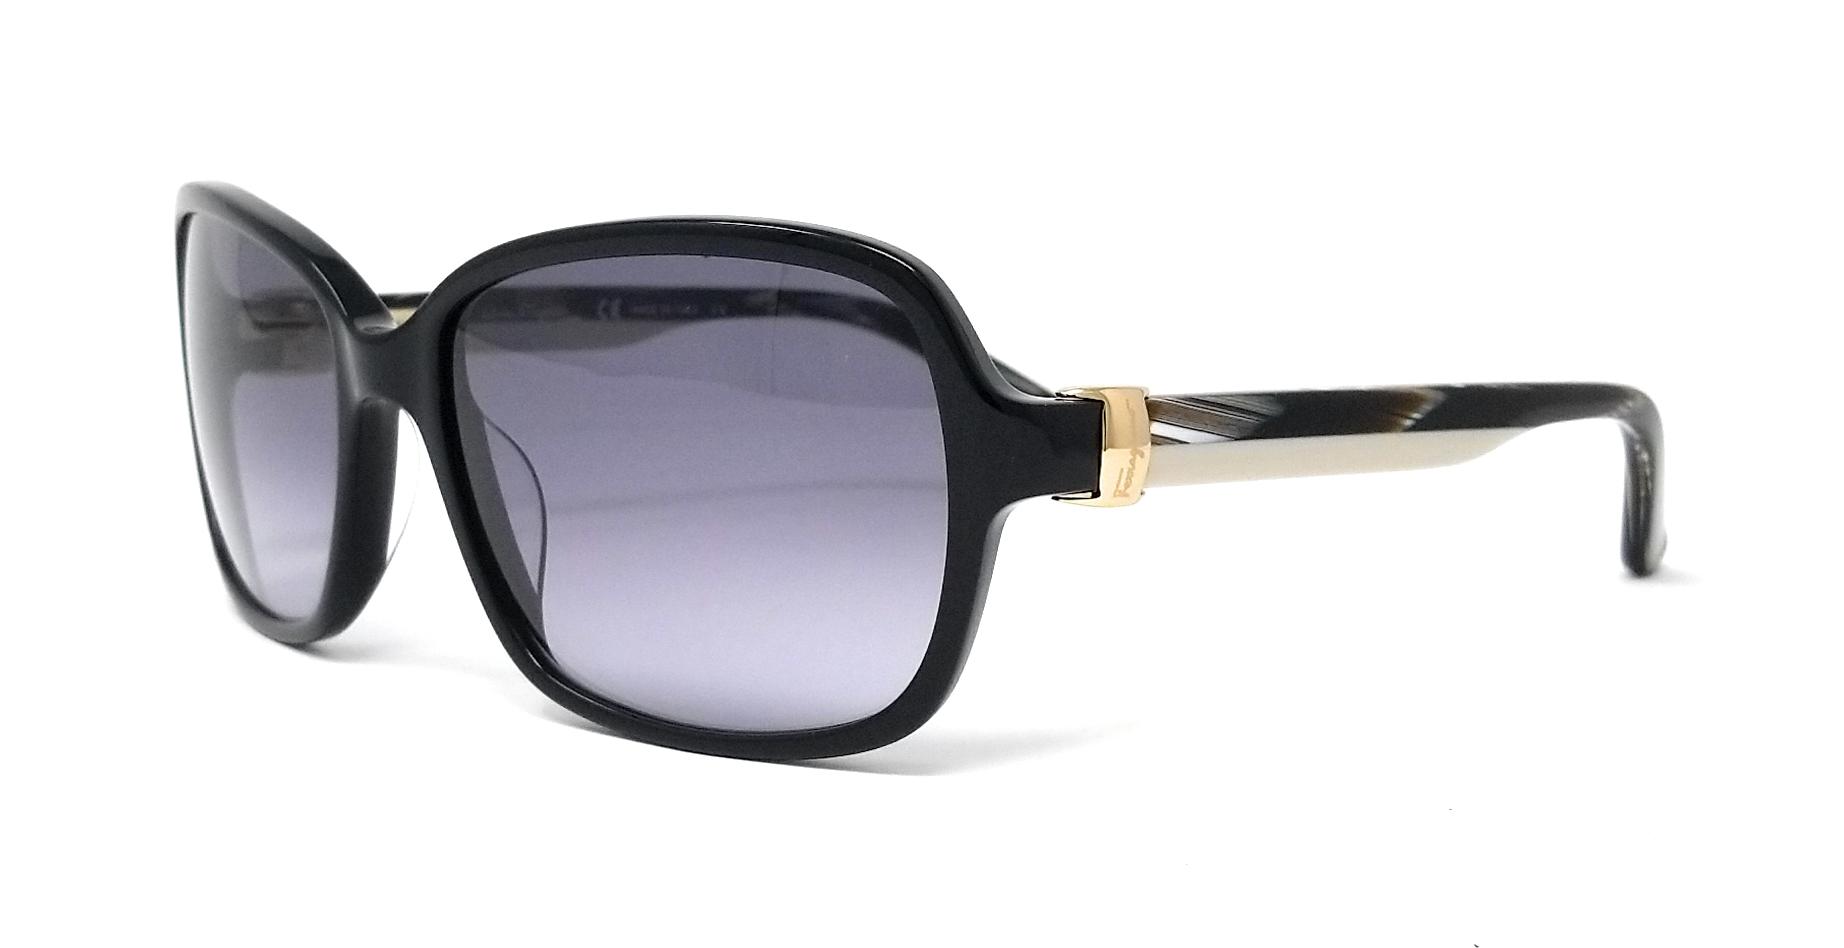 836889ecb4 NEW Salvatore Ferragamo SF606S 001 Black Sunglasses 883121865518